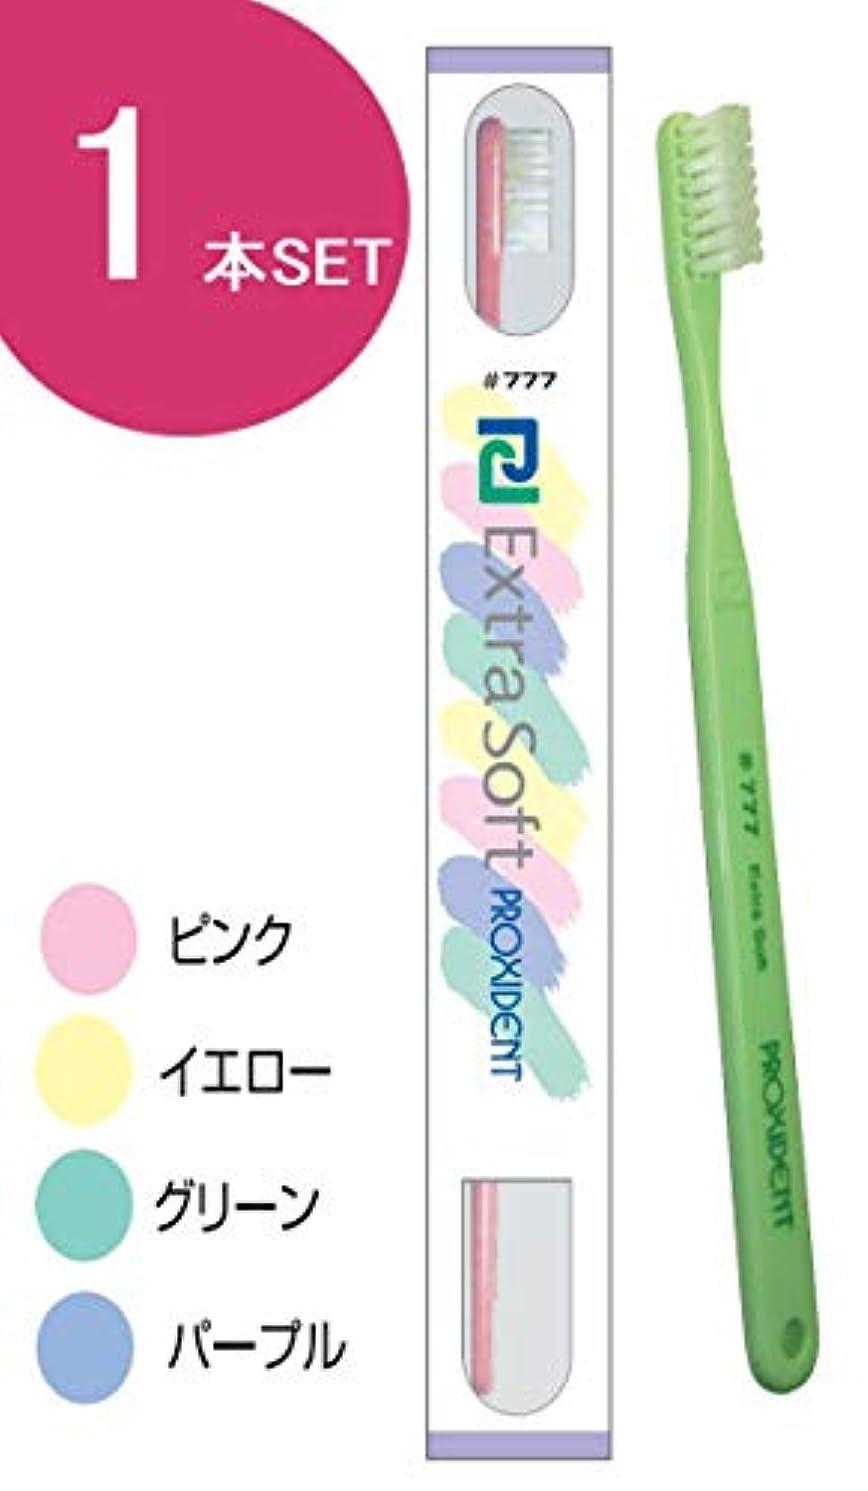 プローデント プロキシデント スリムヘッド ES(エクストラソフト) 歯ブラシ #777 (1本)